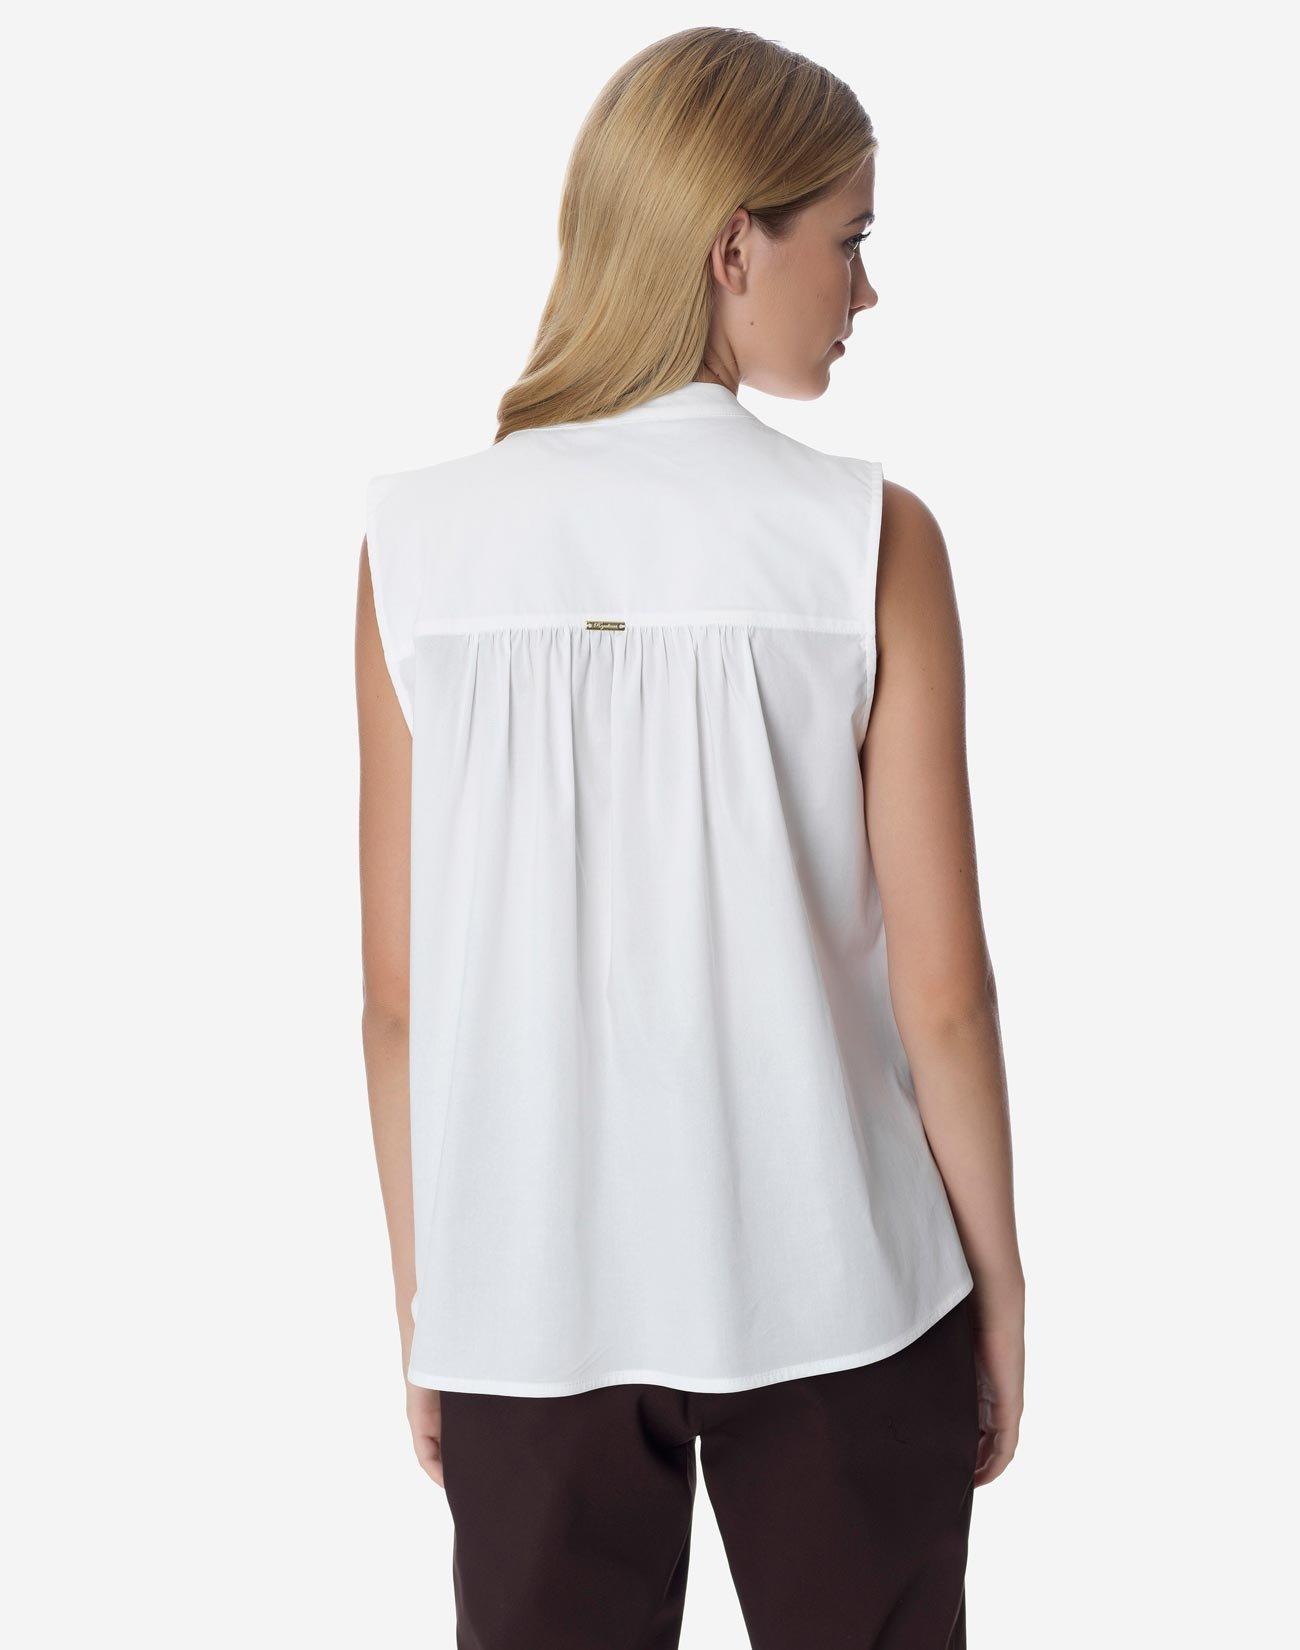 Shirt with gahiring